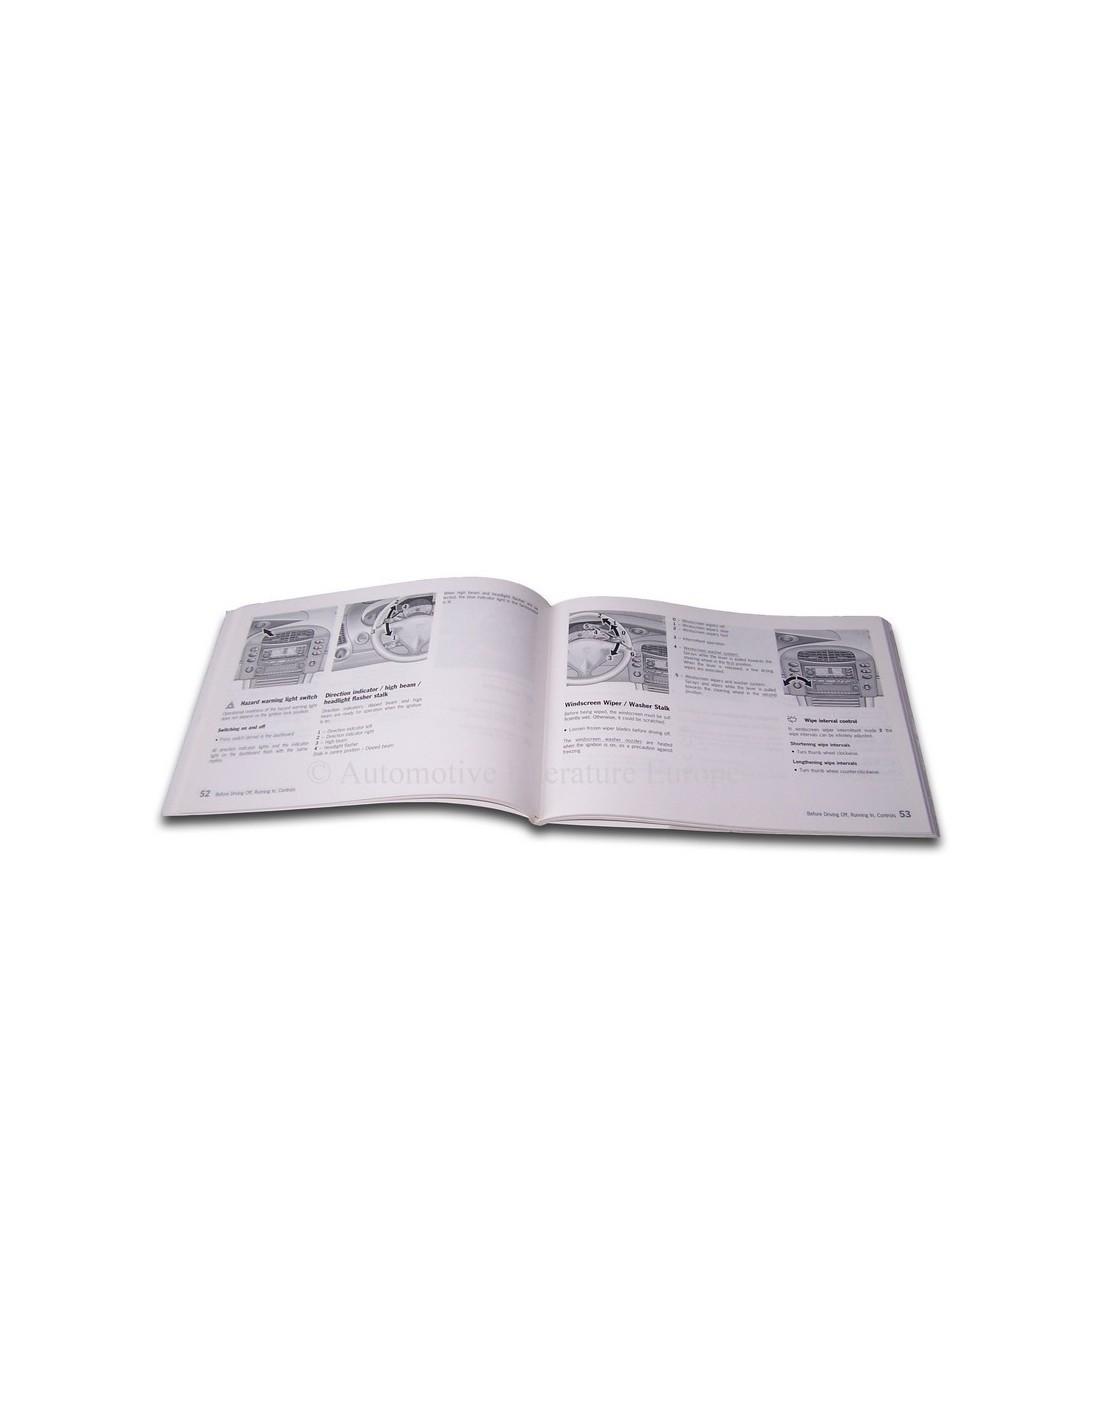 2000 porsche 911 gt3 owners manual english rh autolit eu 2000 porsche 996 owners manual pdf 2000 porsche 996 owners manual pdf